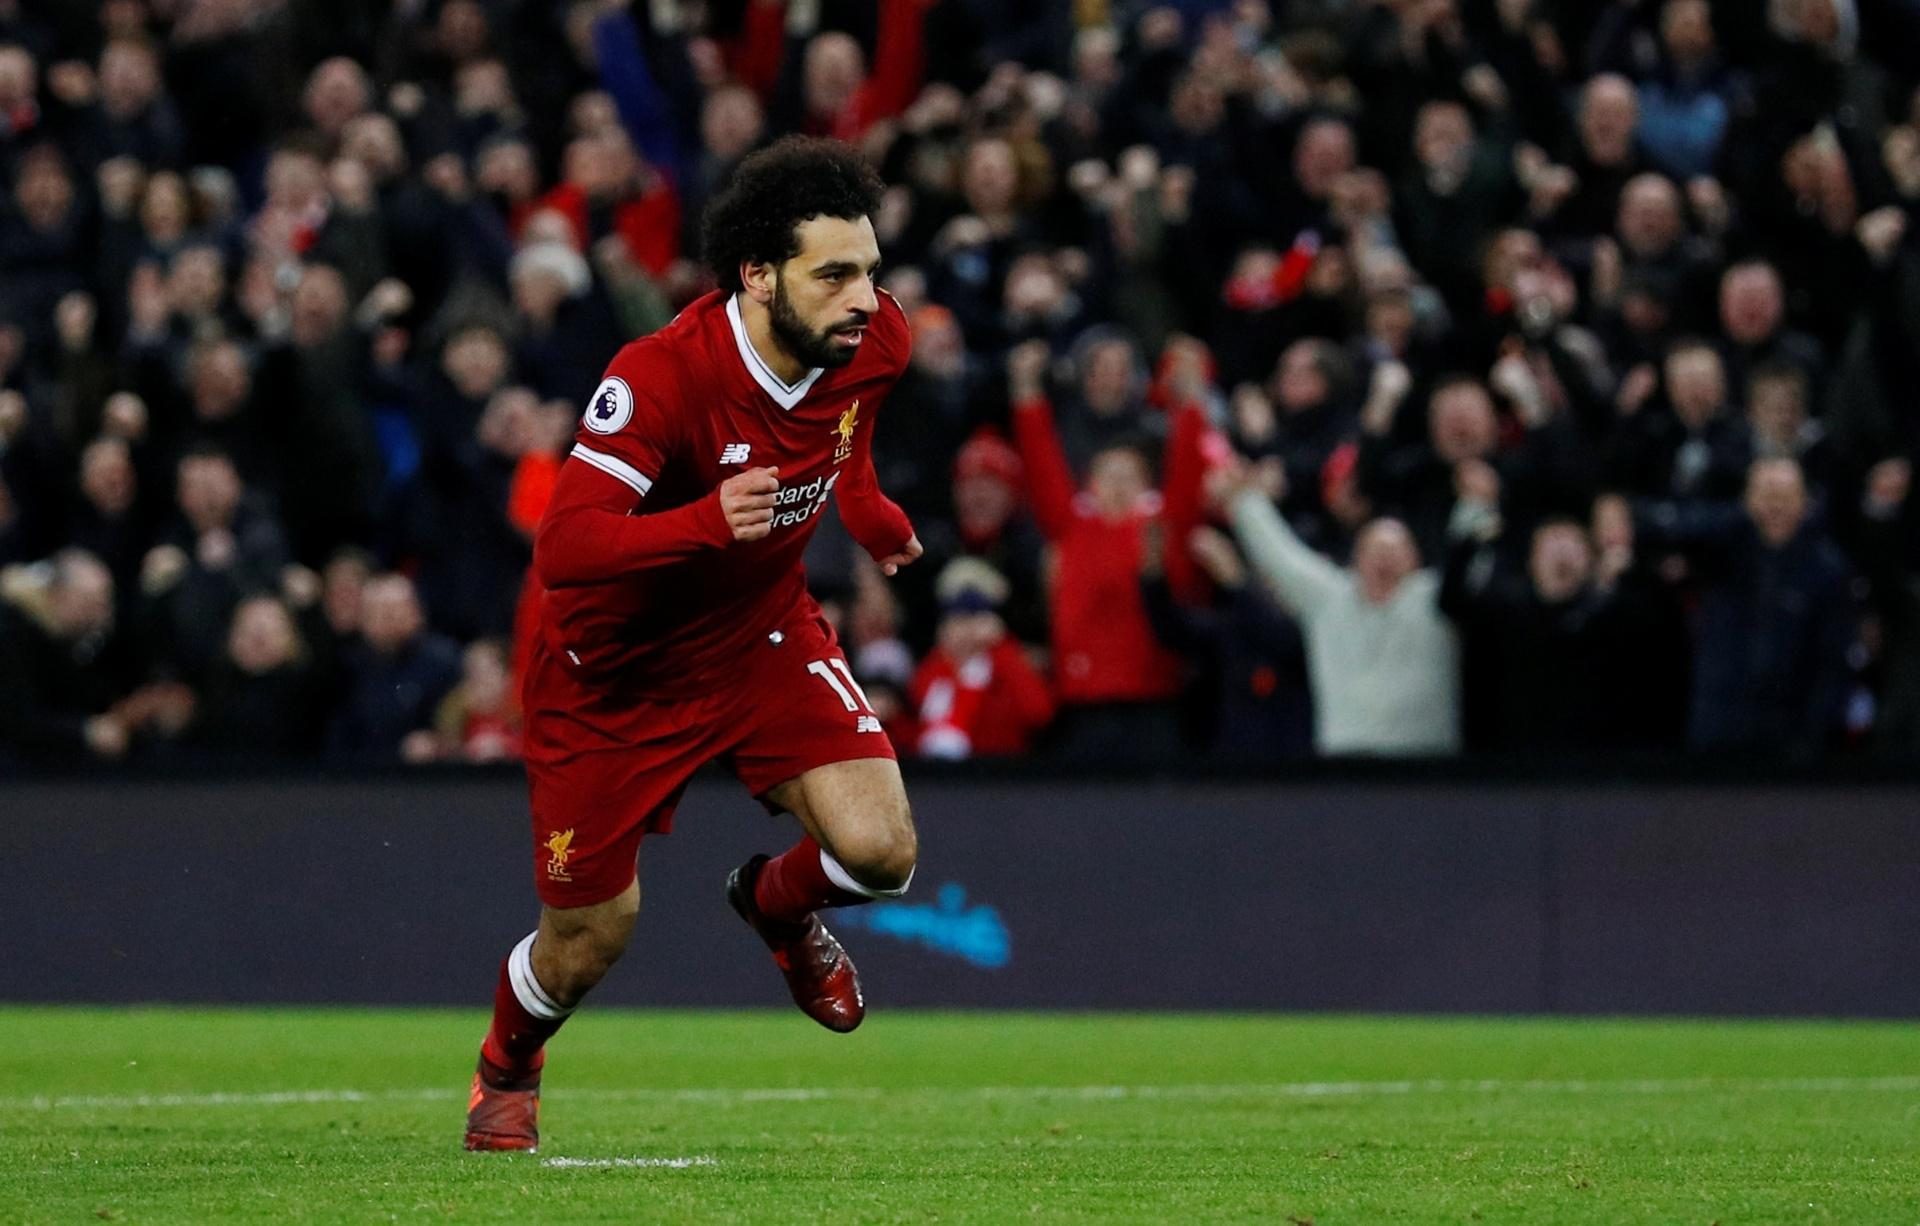 Liverpool busca virada sobre o Leicester com golaços de artilheiro Salah -  30 12 2017 - UOL Esporte 9b7bb783cbdf9